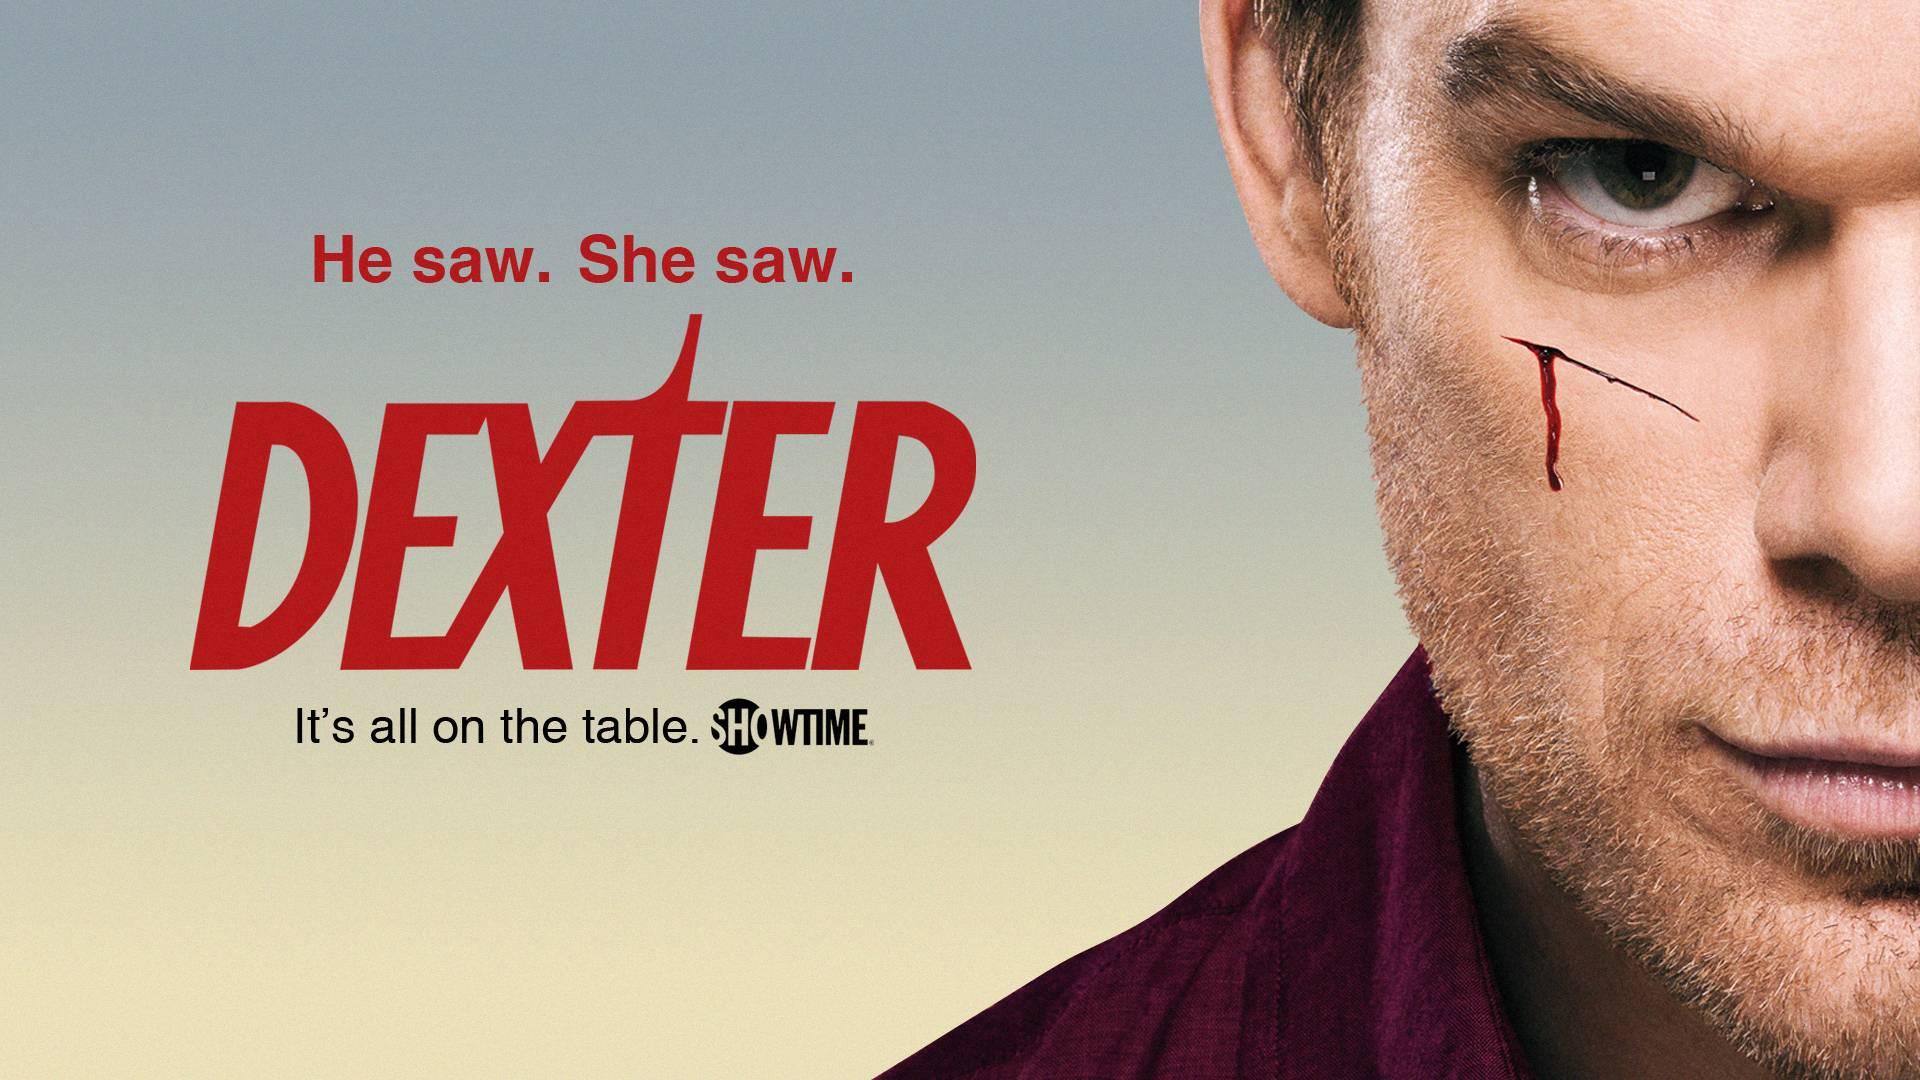 Netflix Quotes Wallpaper Dexter Hd Wallpapers Wallpaper Cave